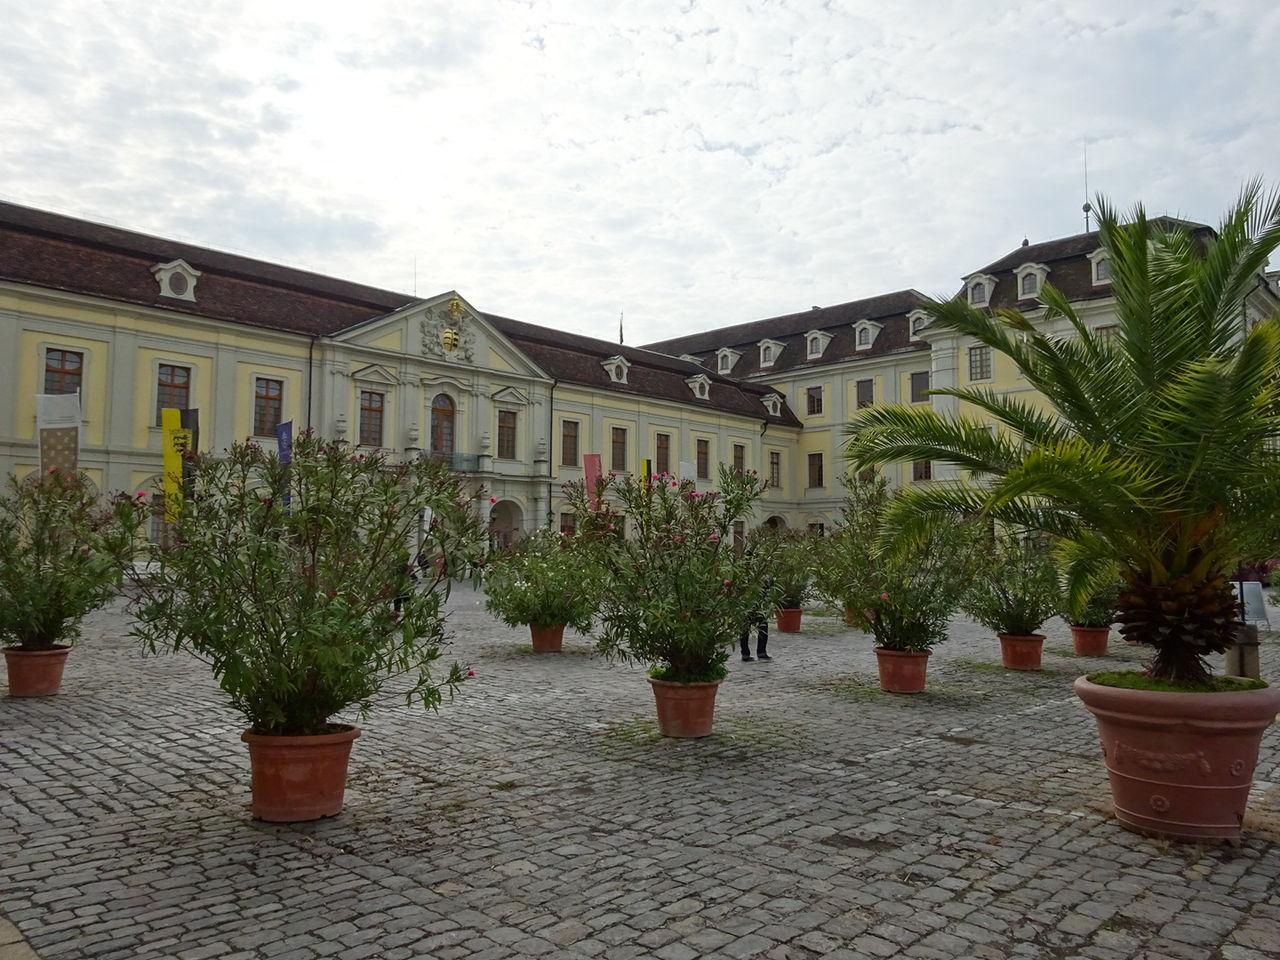 日記で備忘録なライフログ  ドイツ旅行37 ルートヴィヒスブルク(Ludwigsburg)コメント